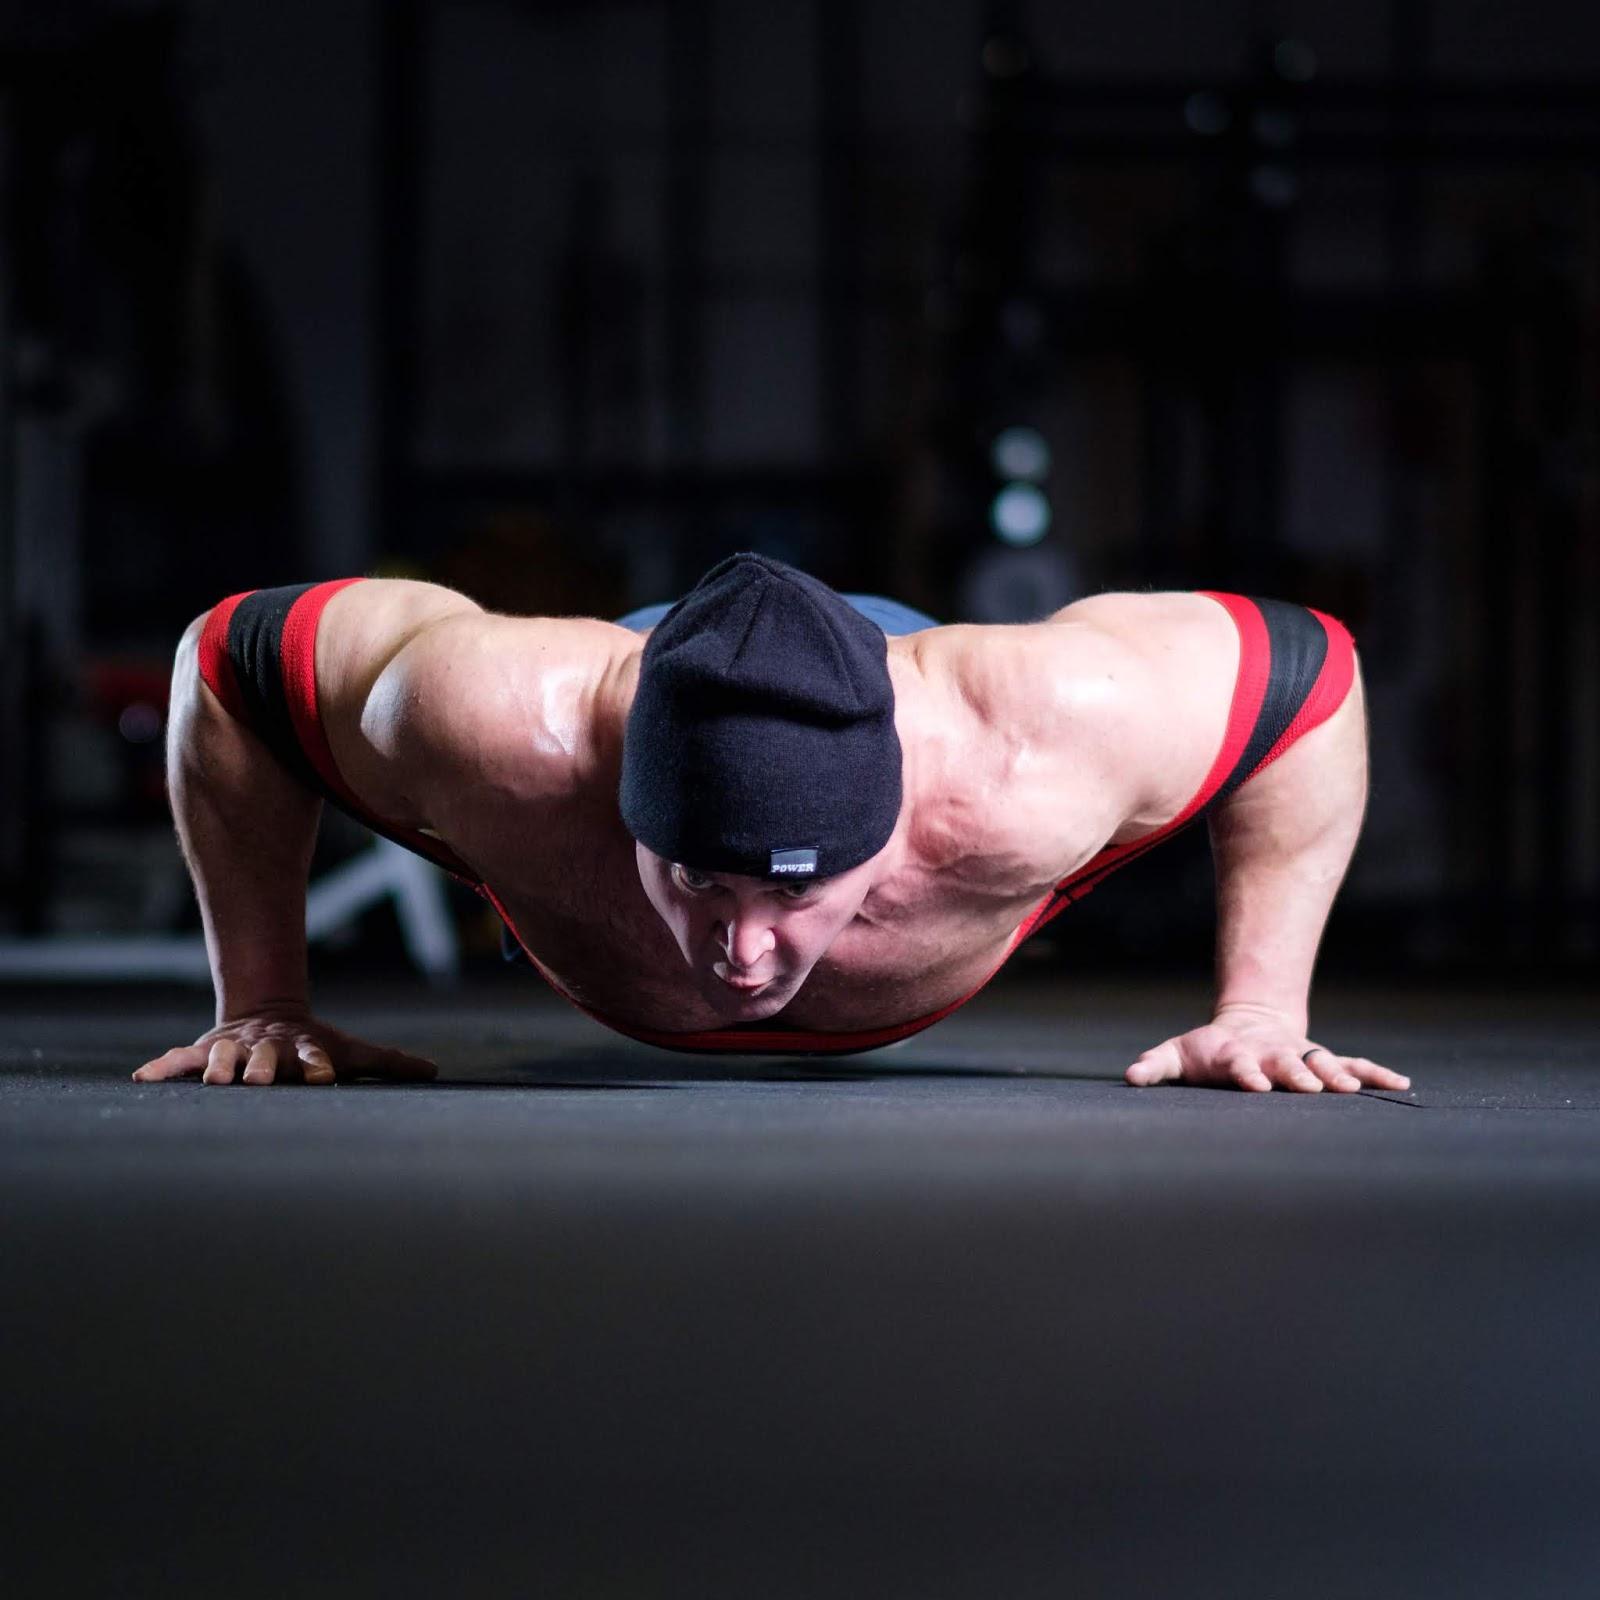 A SAID-szabály: így állítsd össze az edzésterved, ha fejlődni akarsz